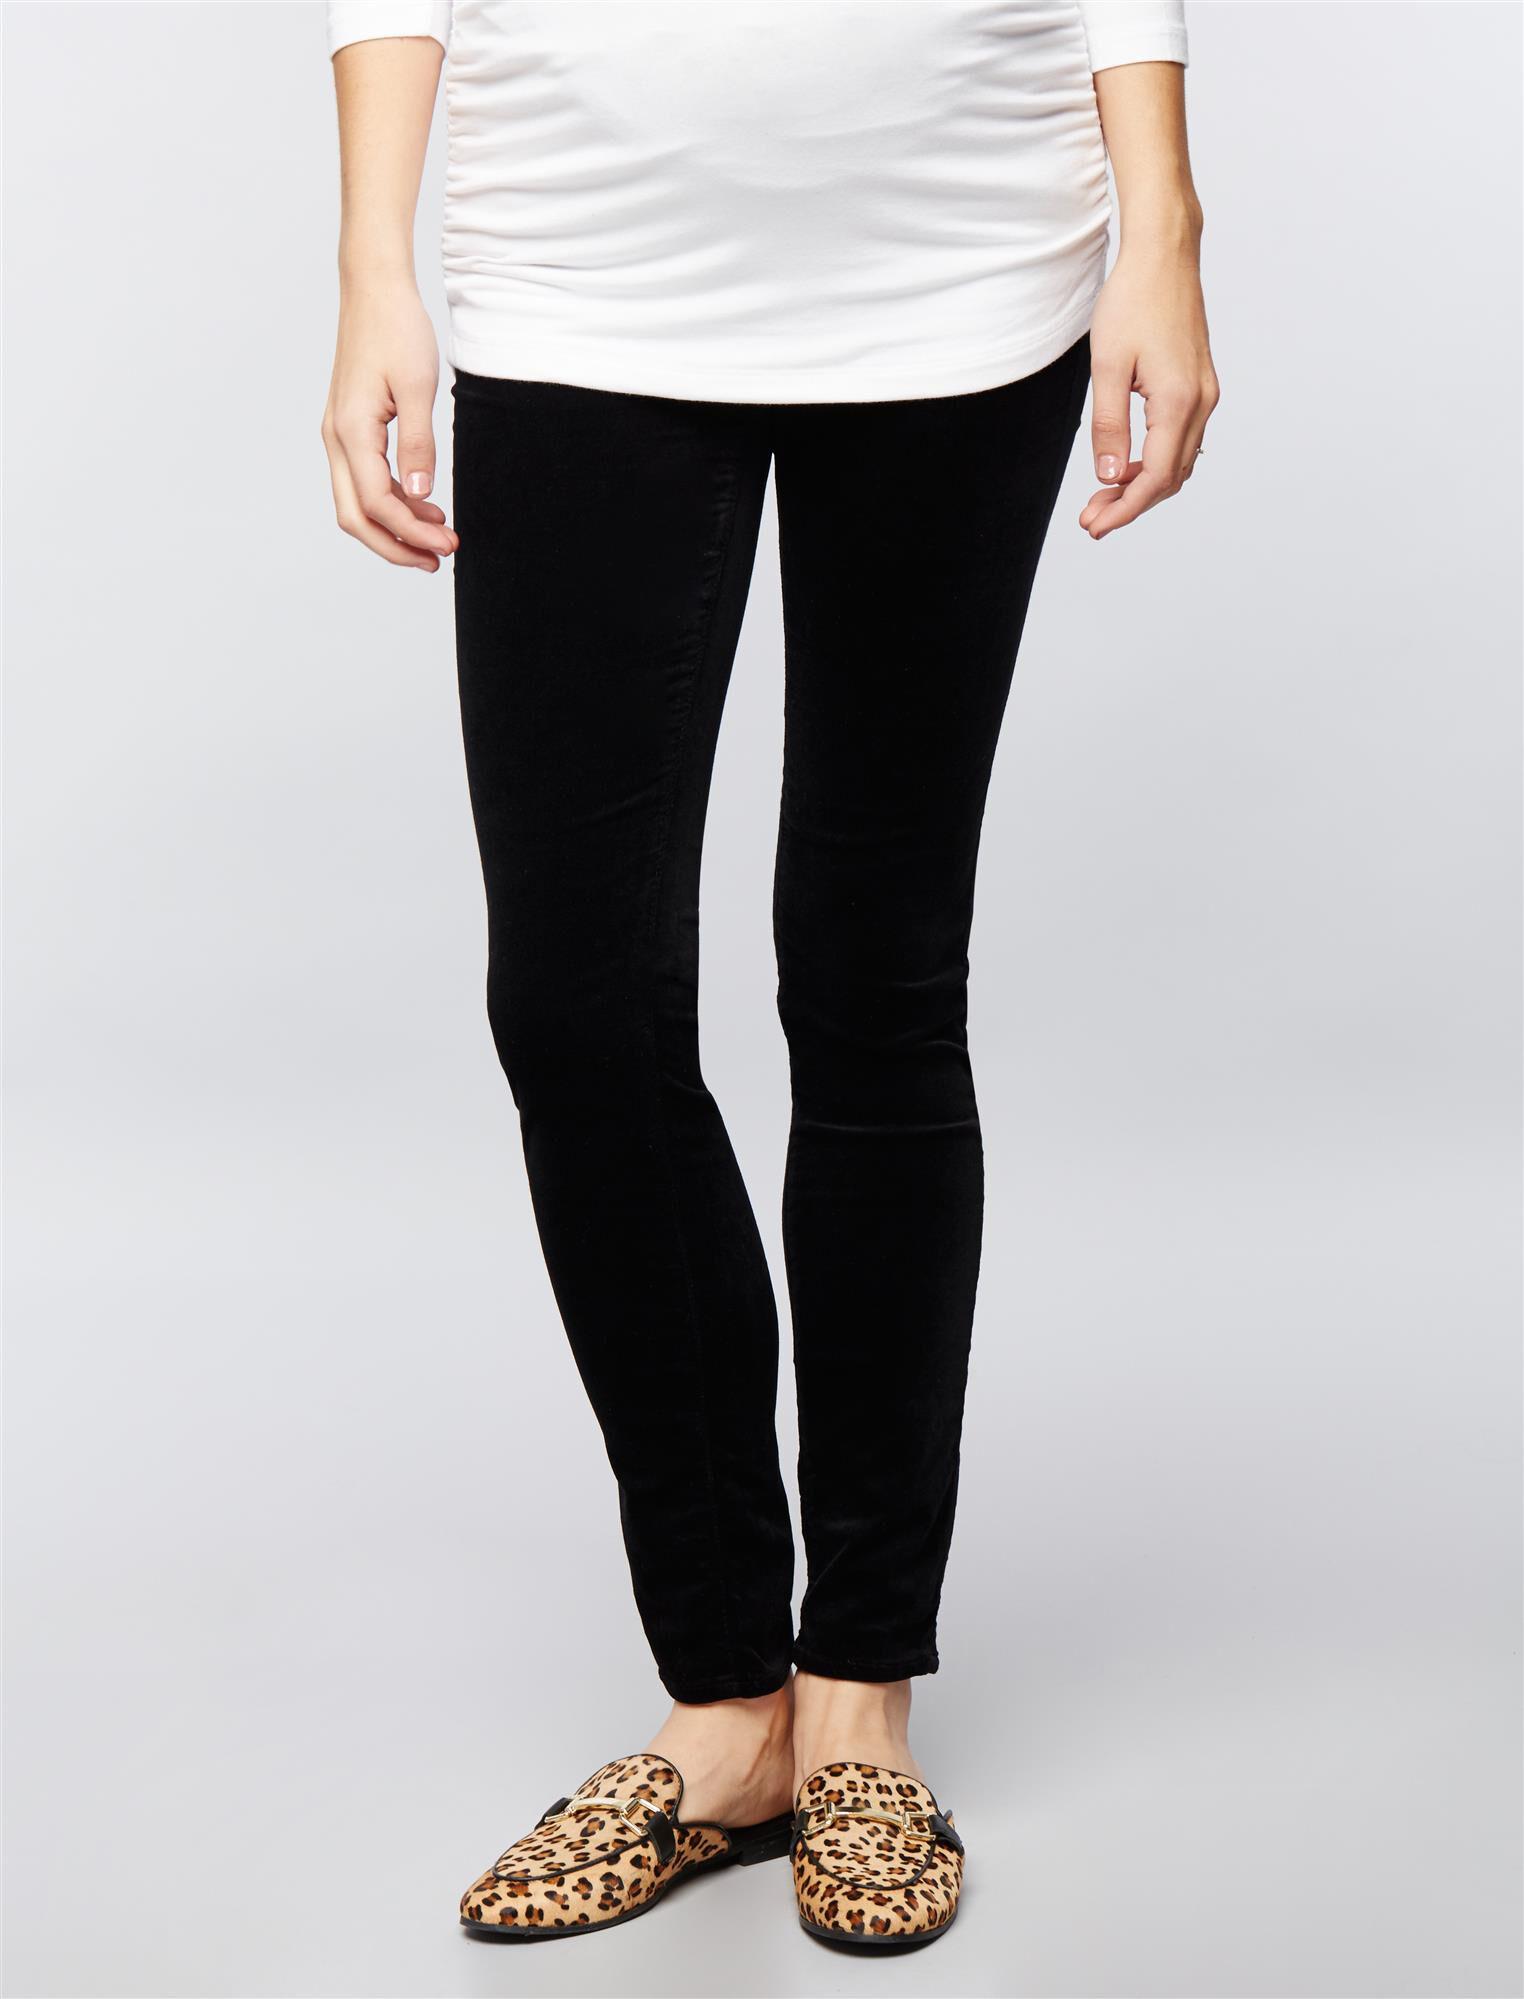 AG Jeans Secret Fit Belly Velveteen Maternity Skinny Pants